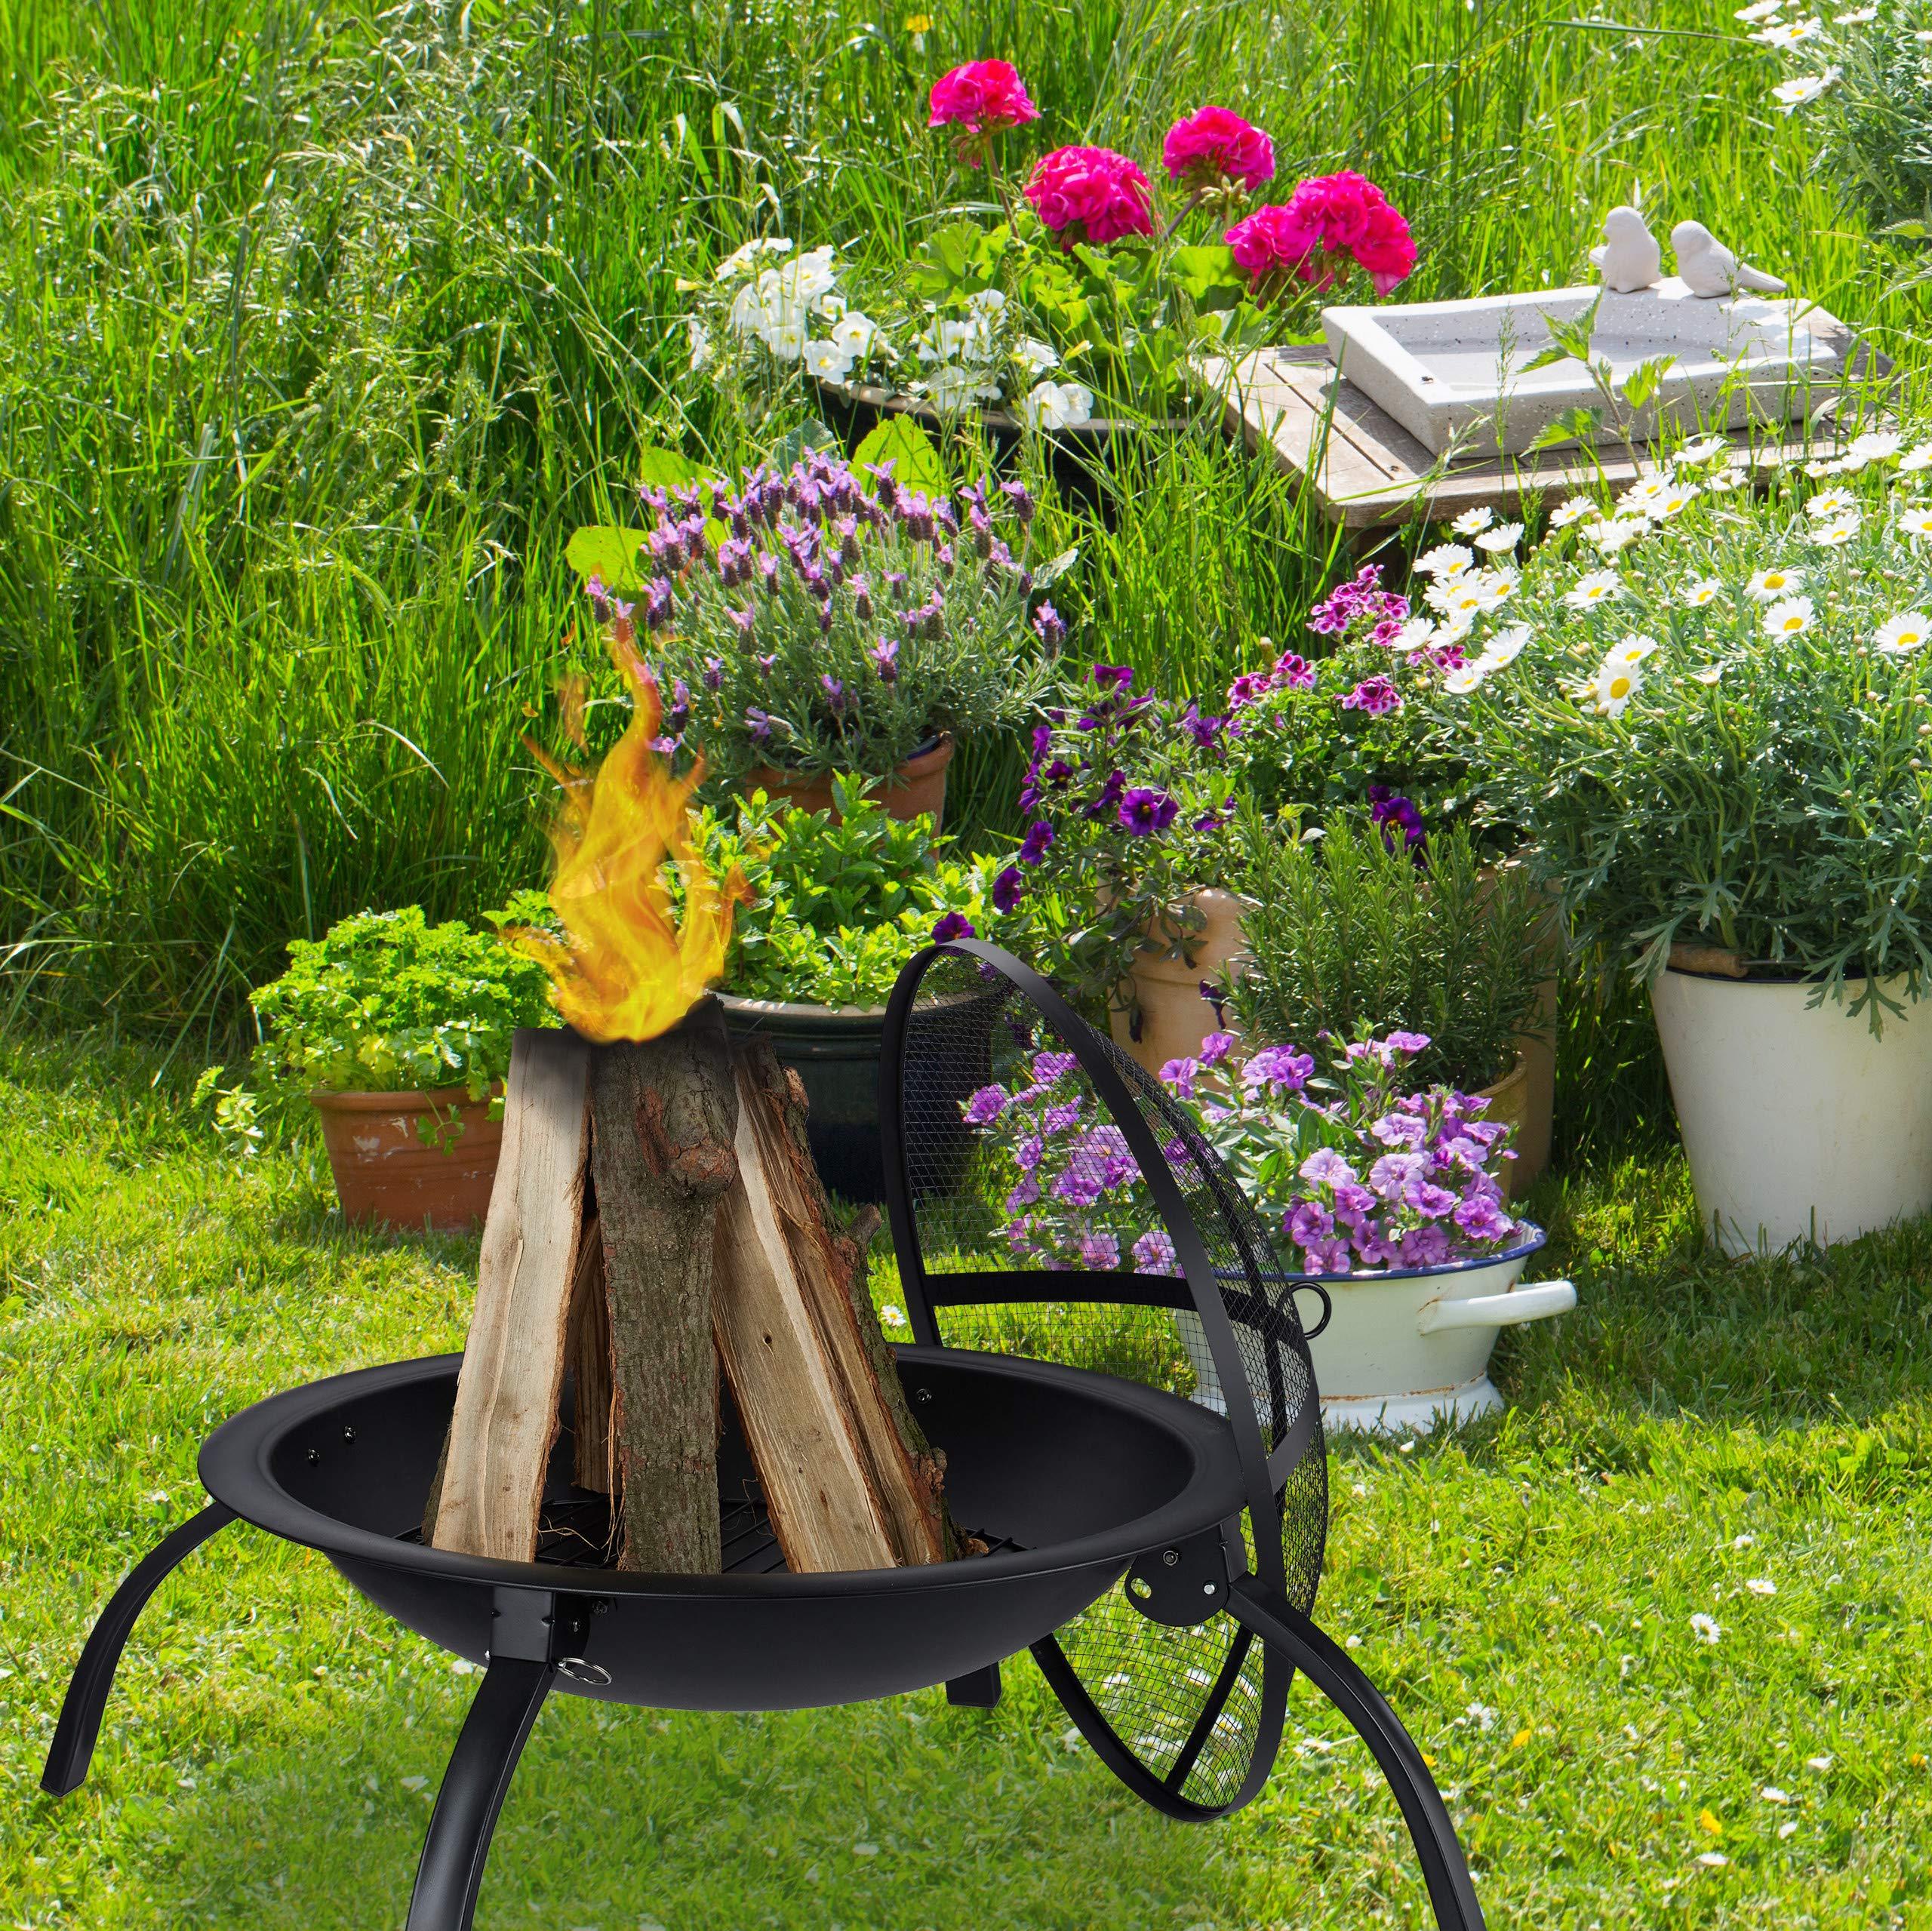 Relaxdays Brasero para jardín, Parrilla de Barbacoa, Atizador, Tapa contra chispas, Cuenco para hogueras, 56, 5 cm, Negro: Amazon.es: Jardín